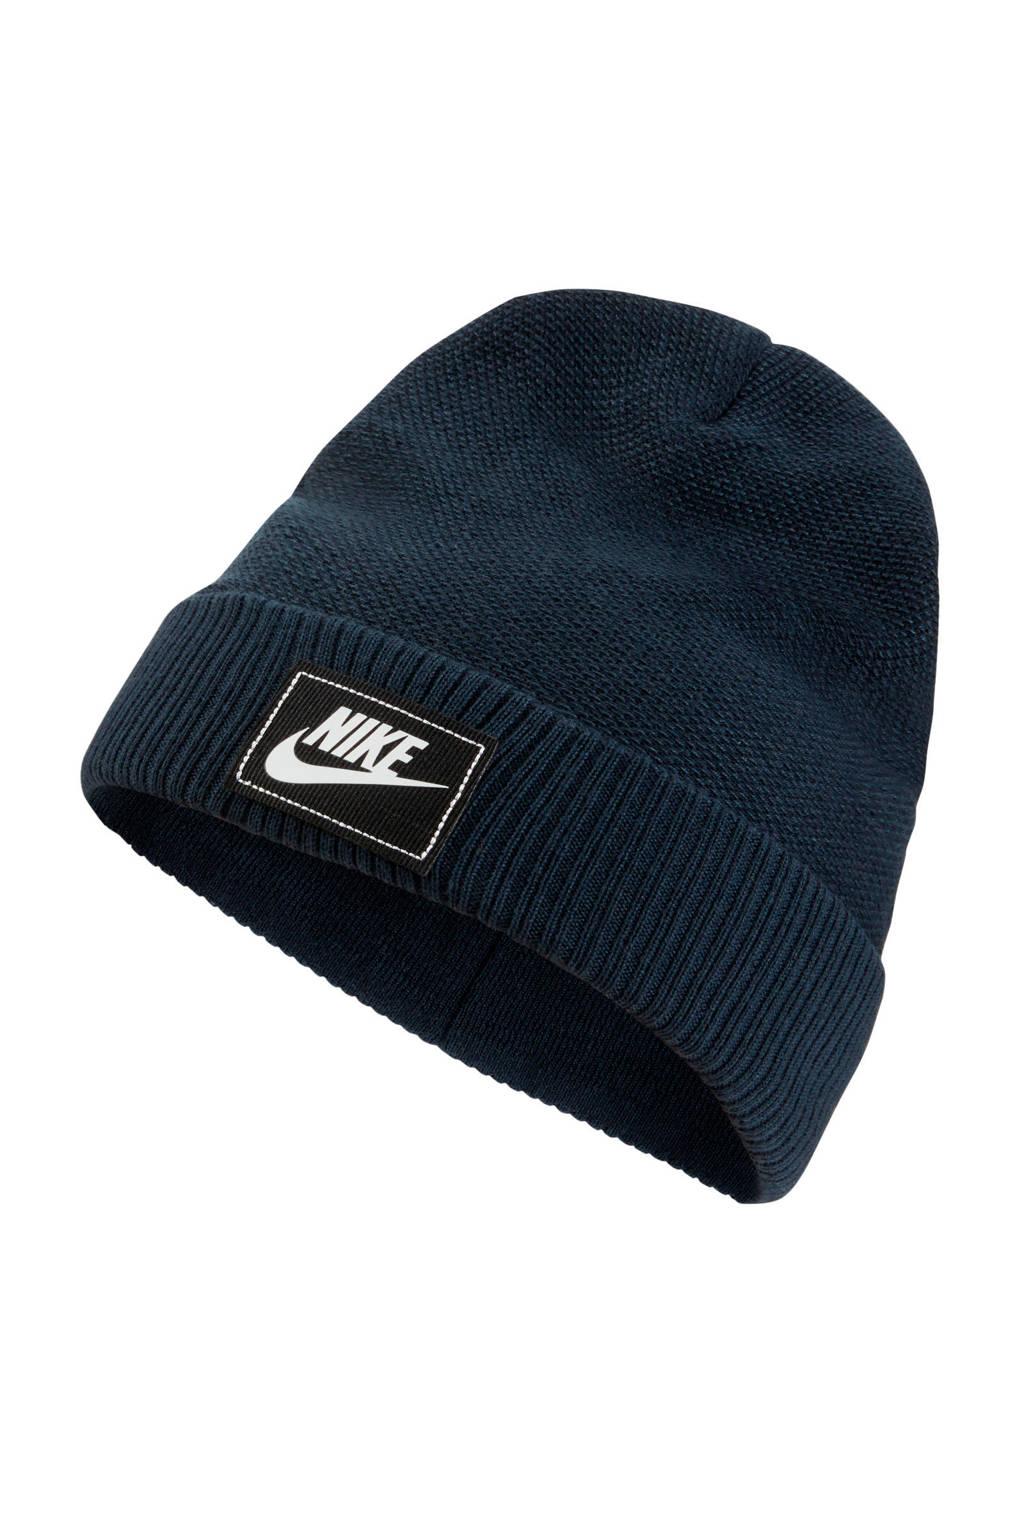 Nike muts donkerblauw, Donkerblauw